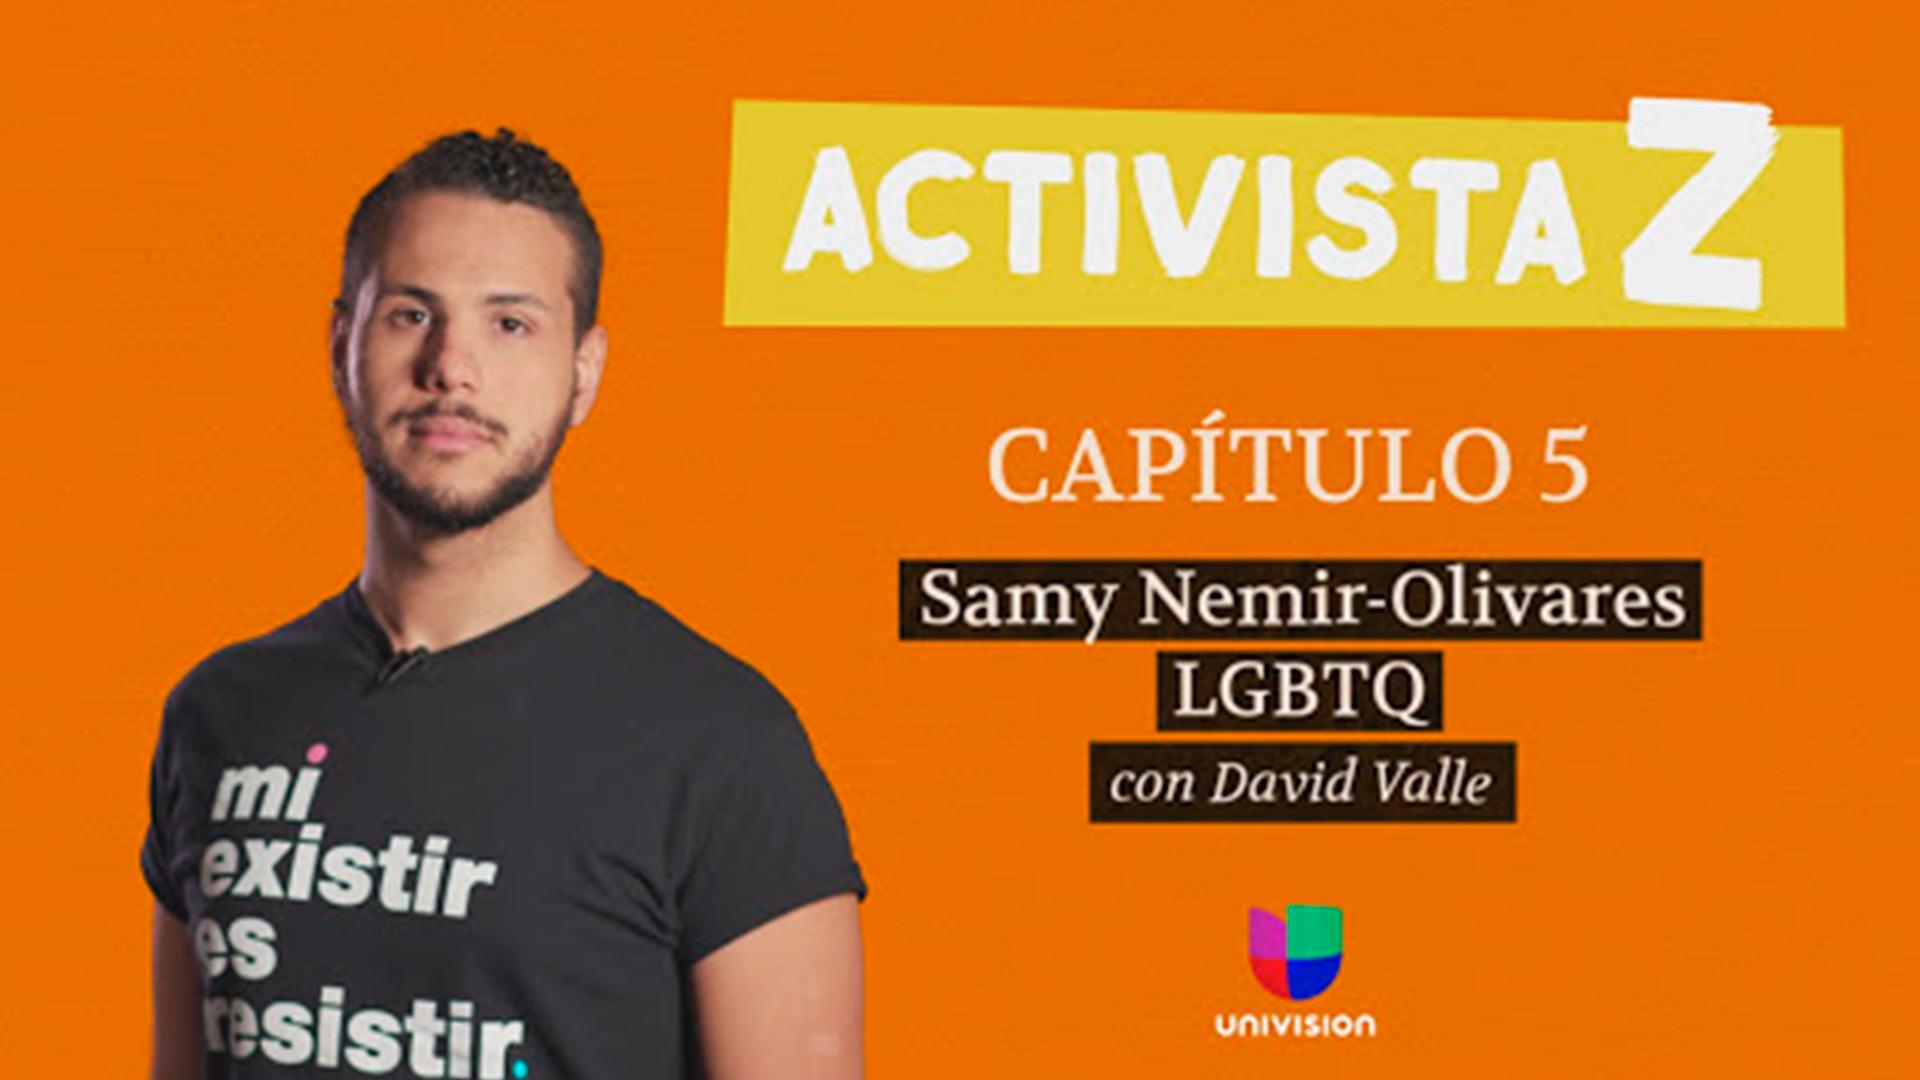 galeria-06-activistaz